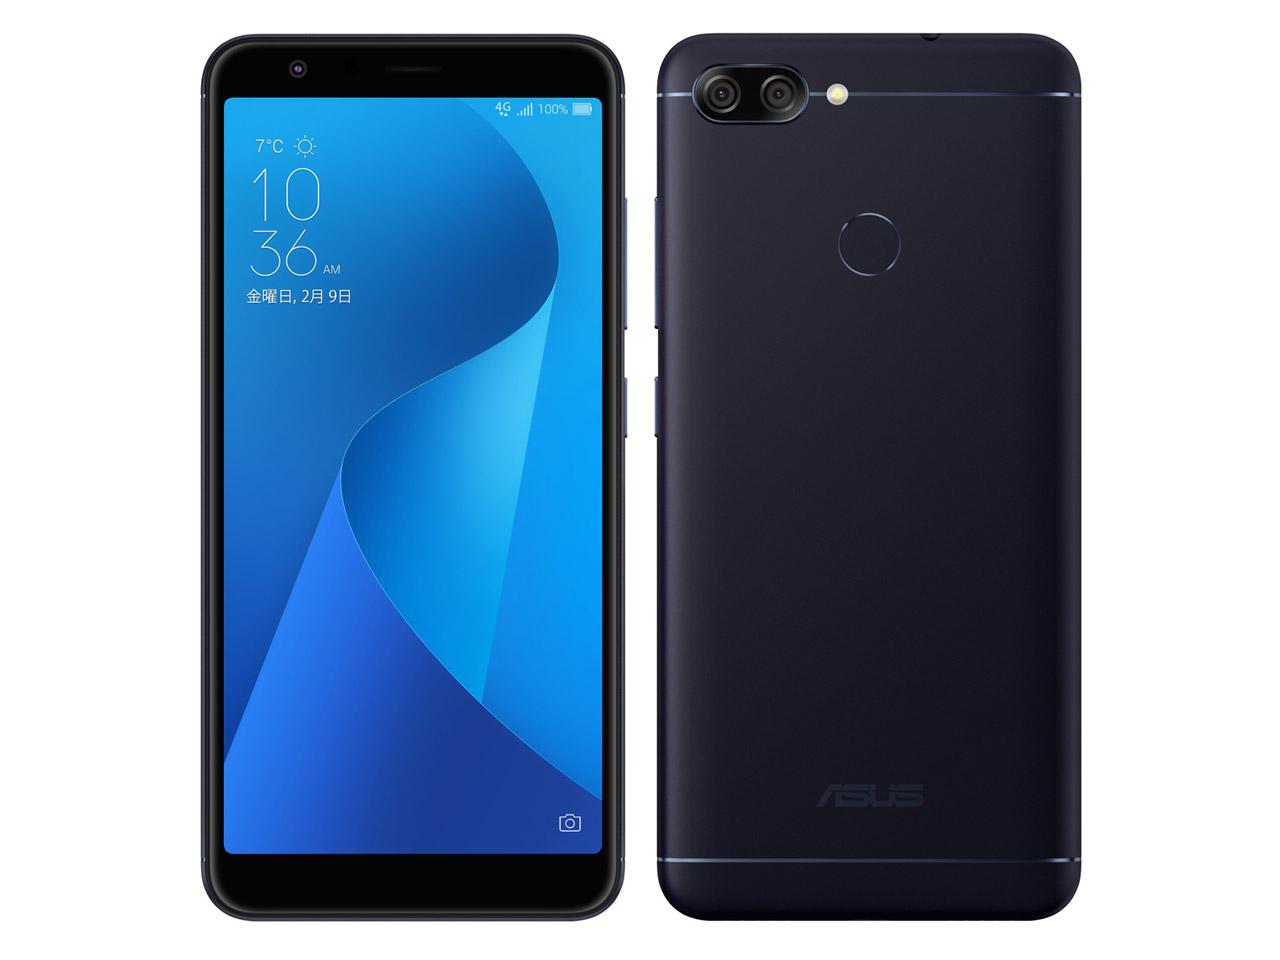 【新品未開封・白ロム・本体】SIMフリーエイスース ASUS ZenFone Max Plus (M1) ZB570TL-BK32S4 ブラック スマートフォン 携帯電話 zb570tl ZB570TL  zenfone max plus m1 BLACK